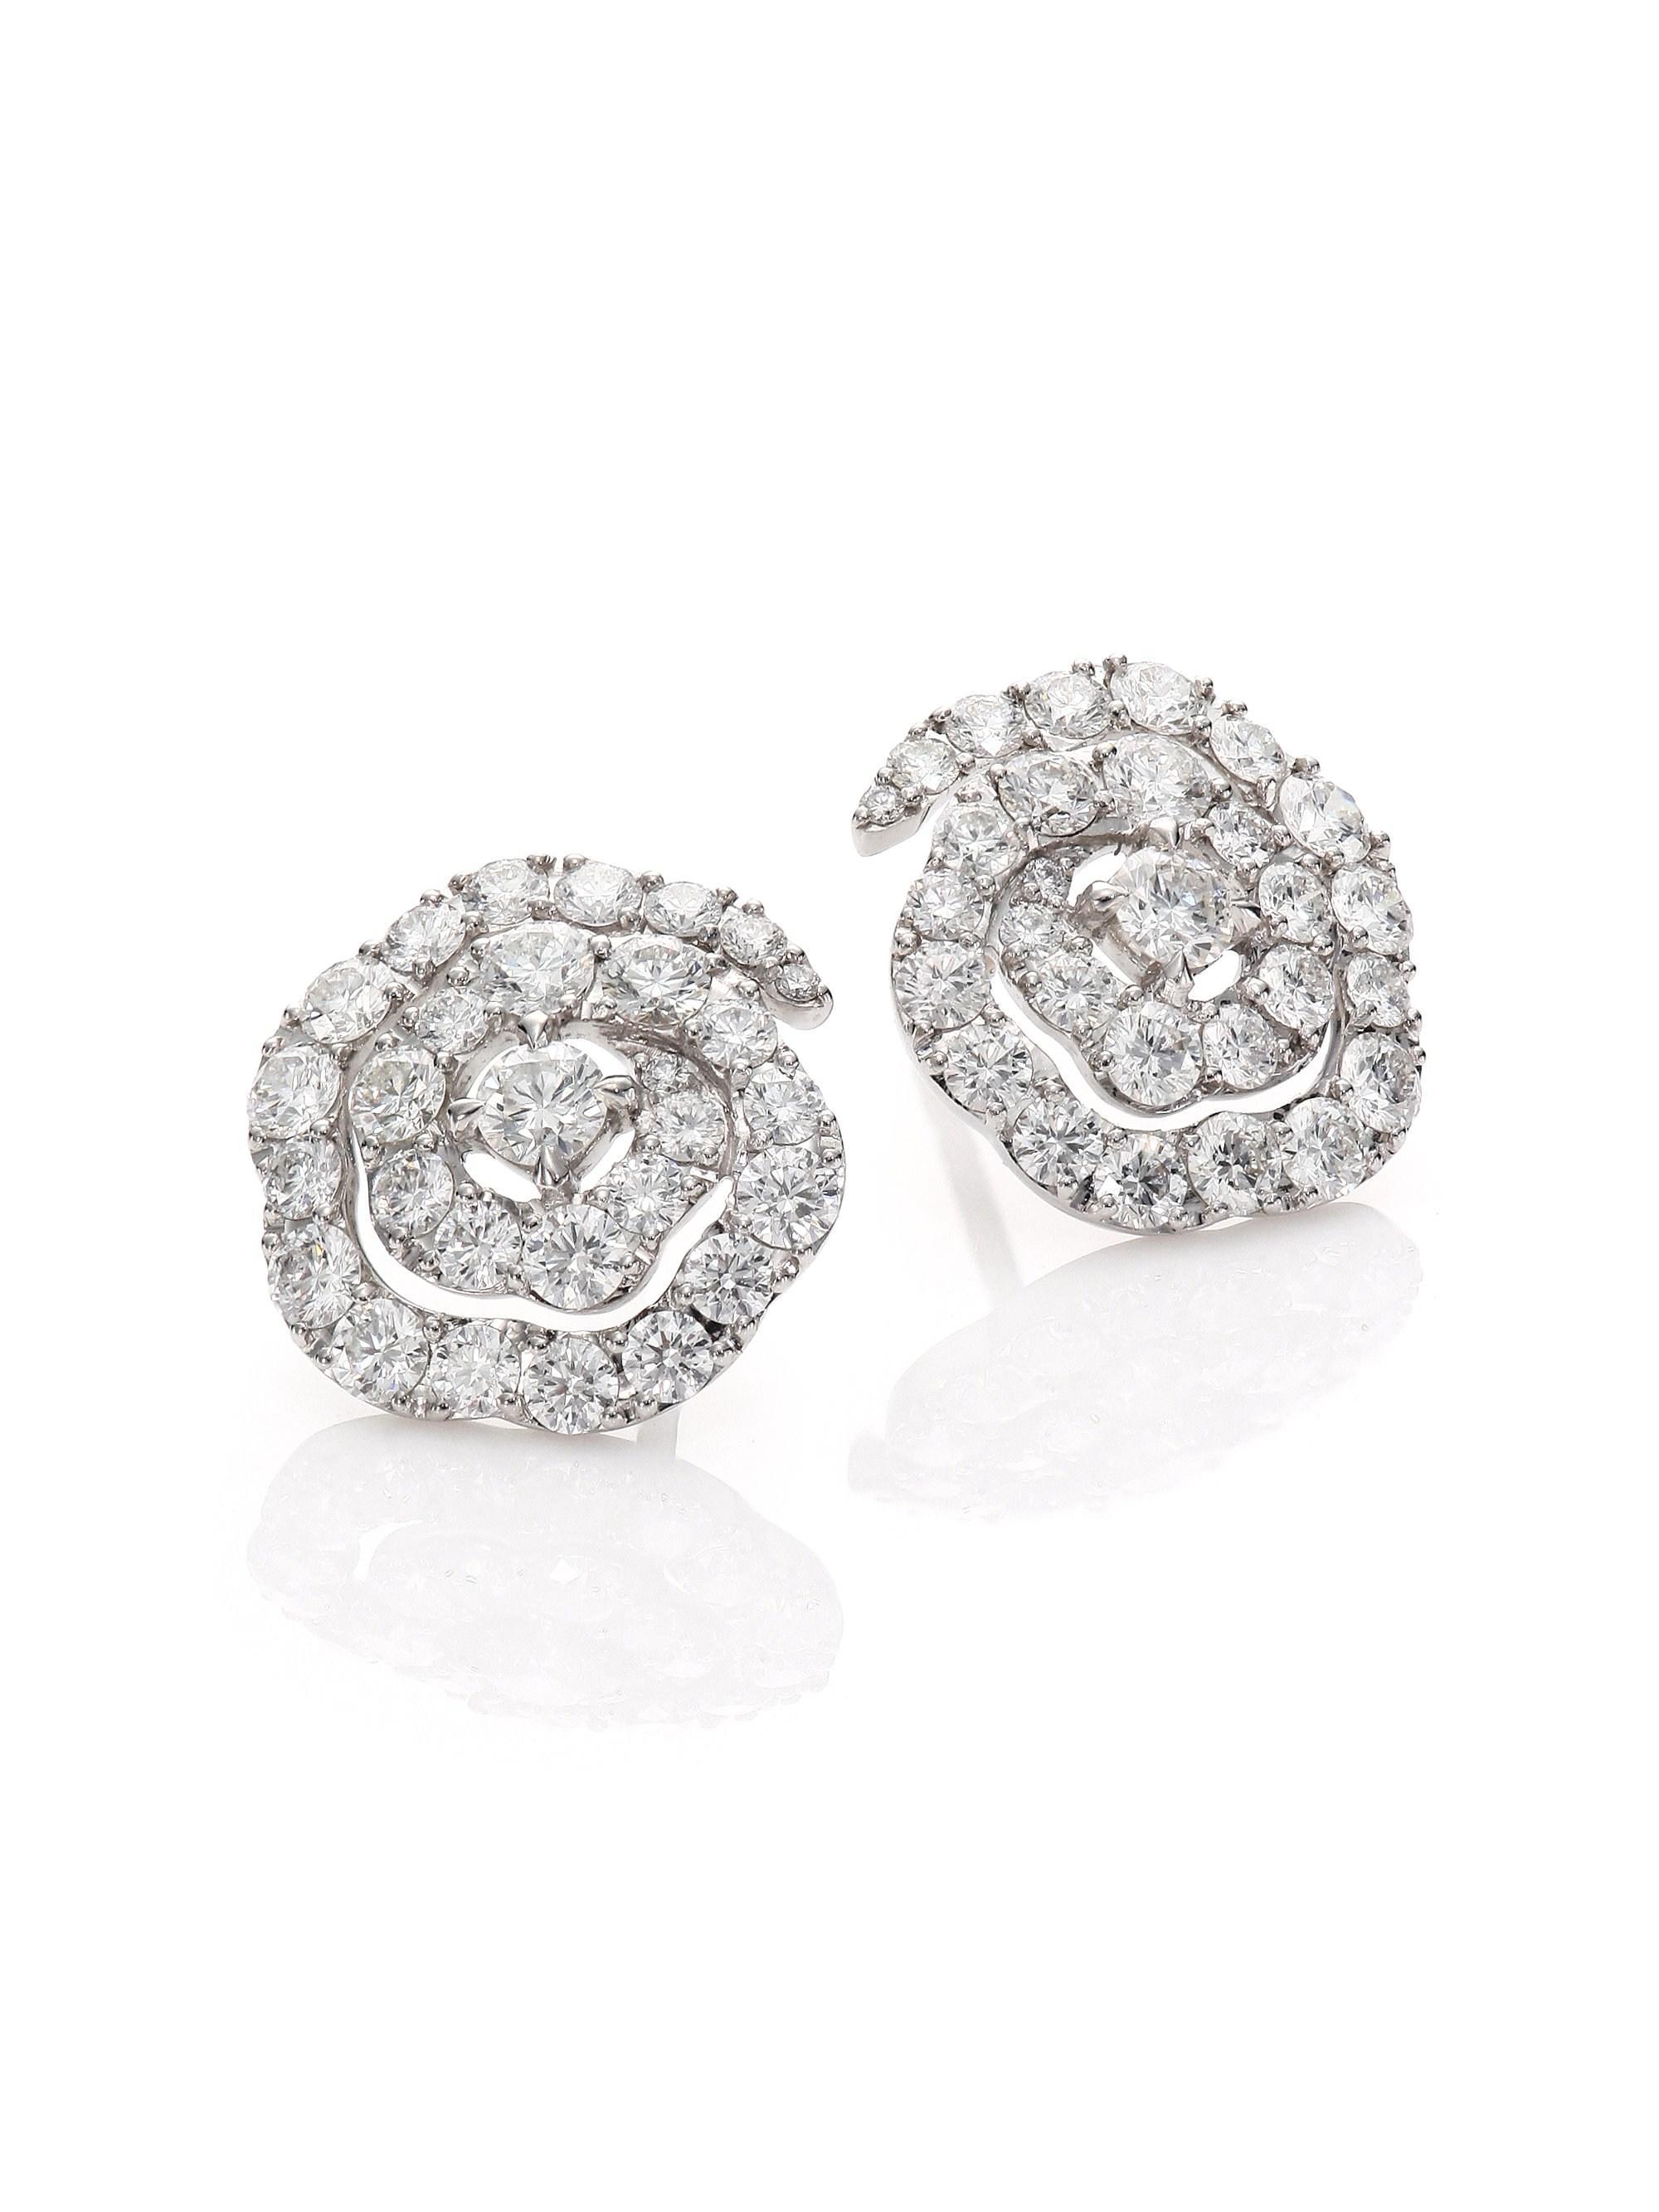 057cfa98e Hearts On Fire. Women's Lorelei Diamond & 18k White Gold Floral Stud  Earrings